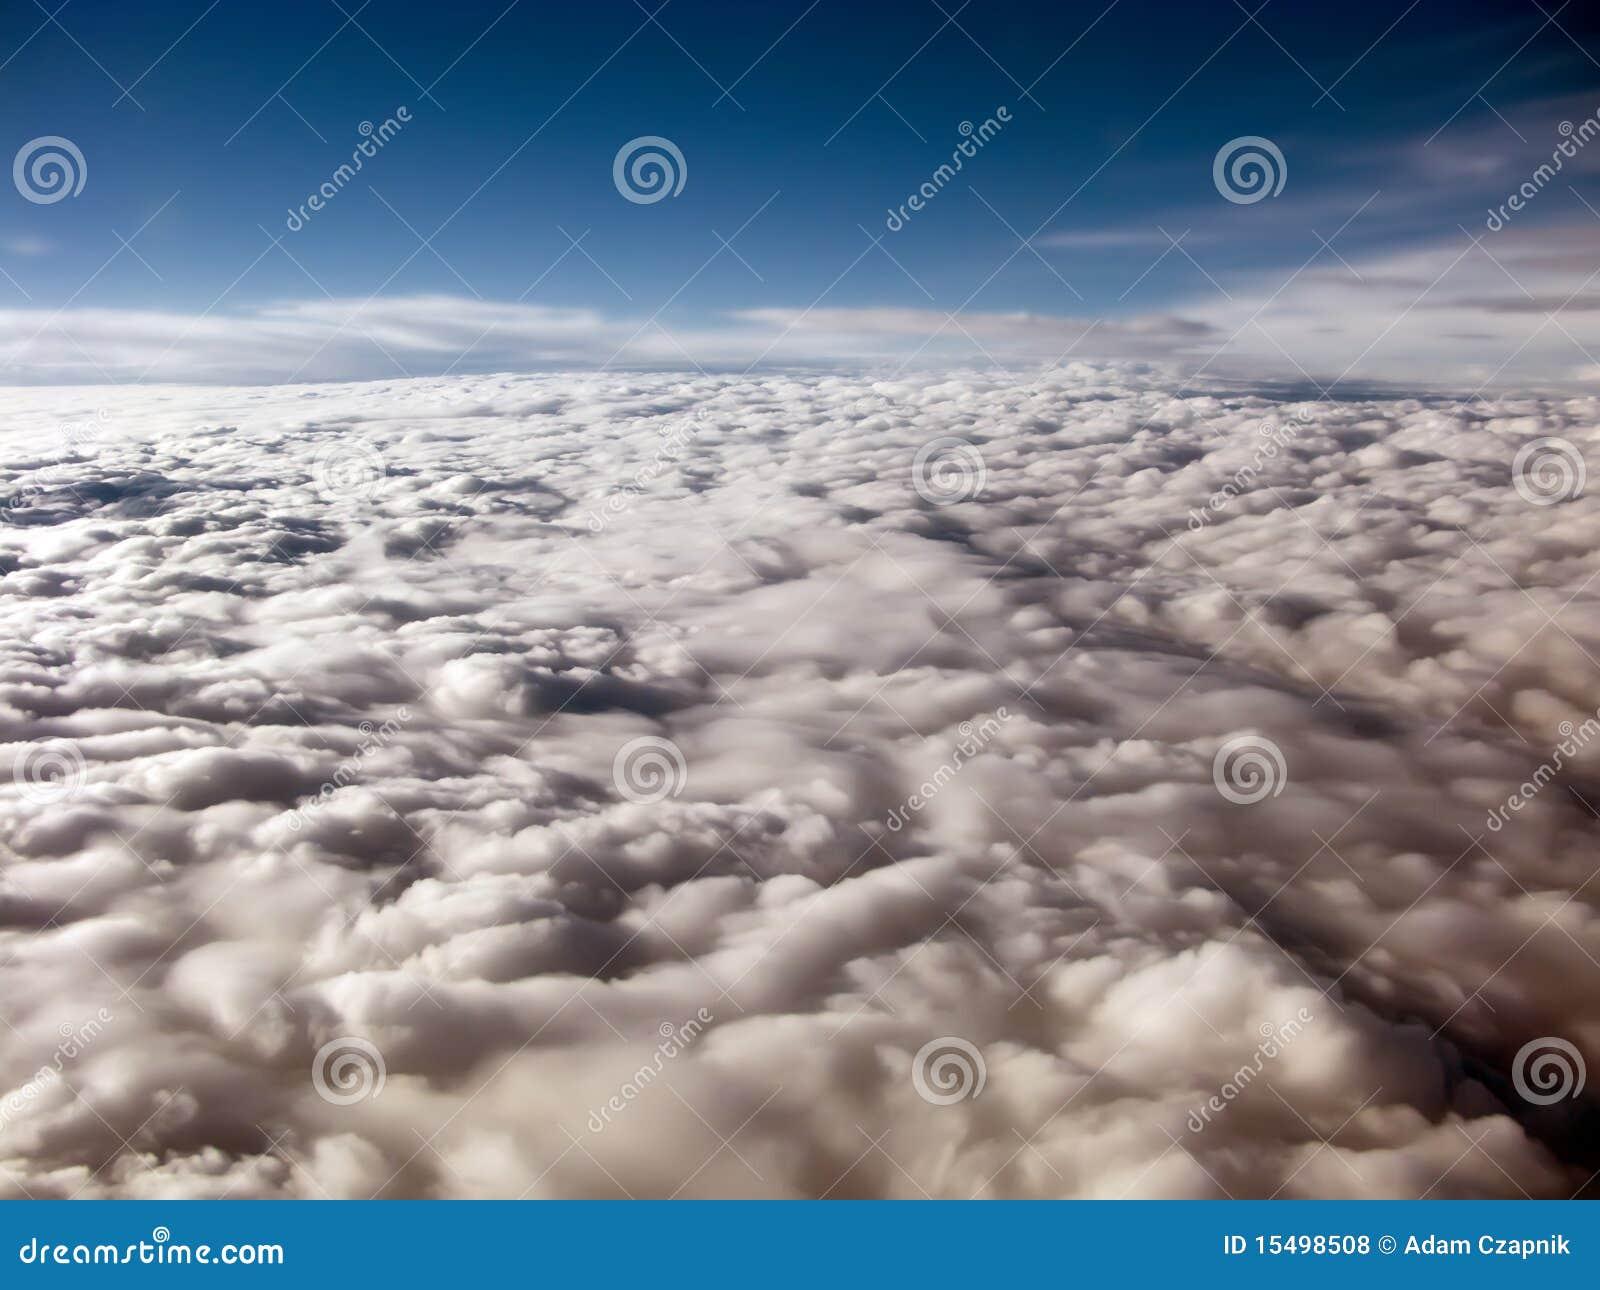 Oklarheter heavenly